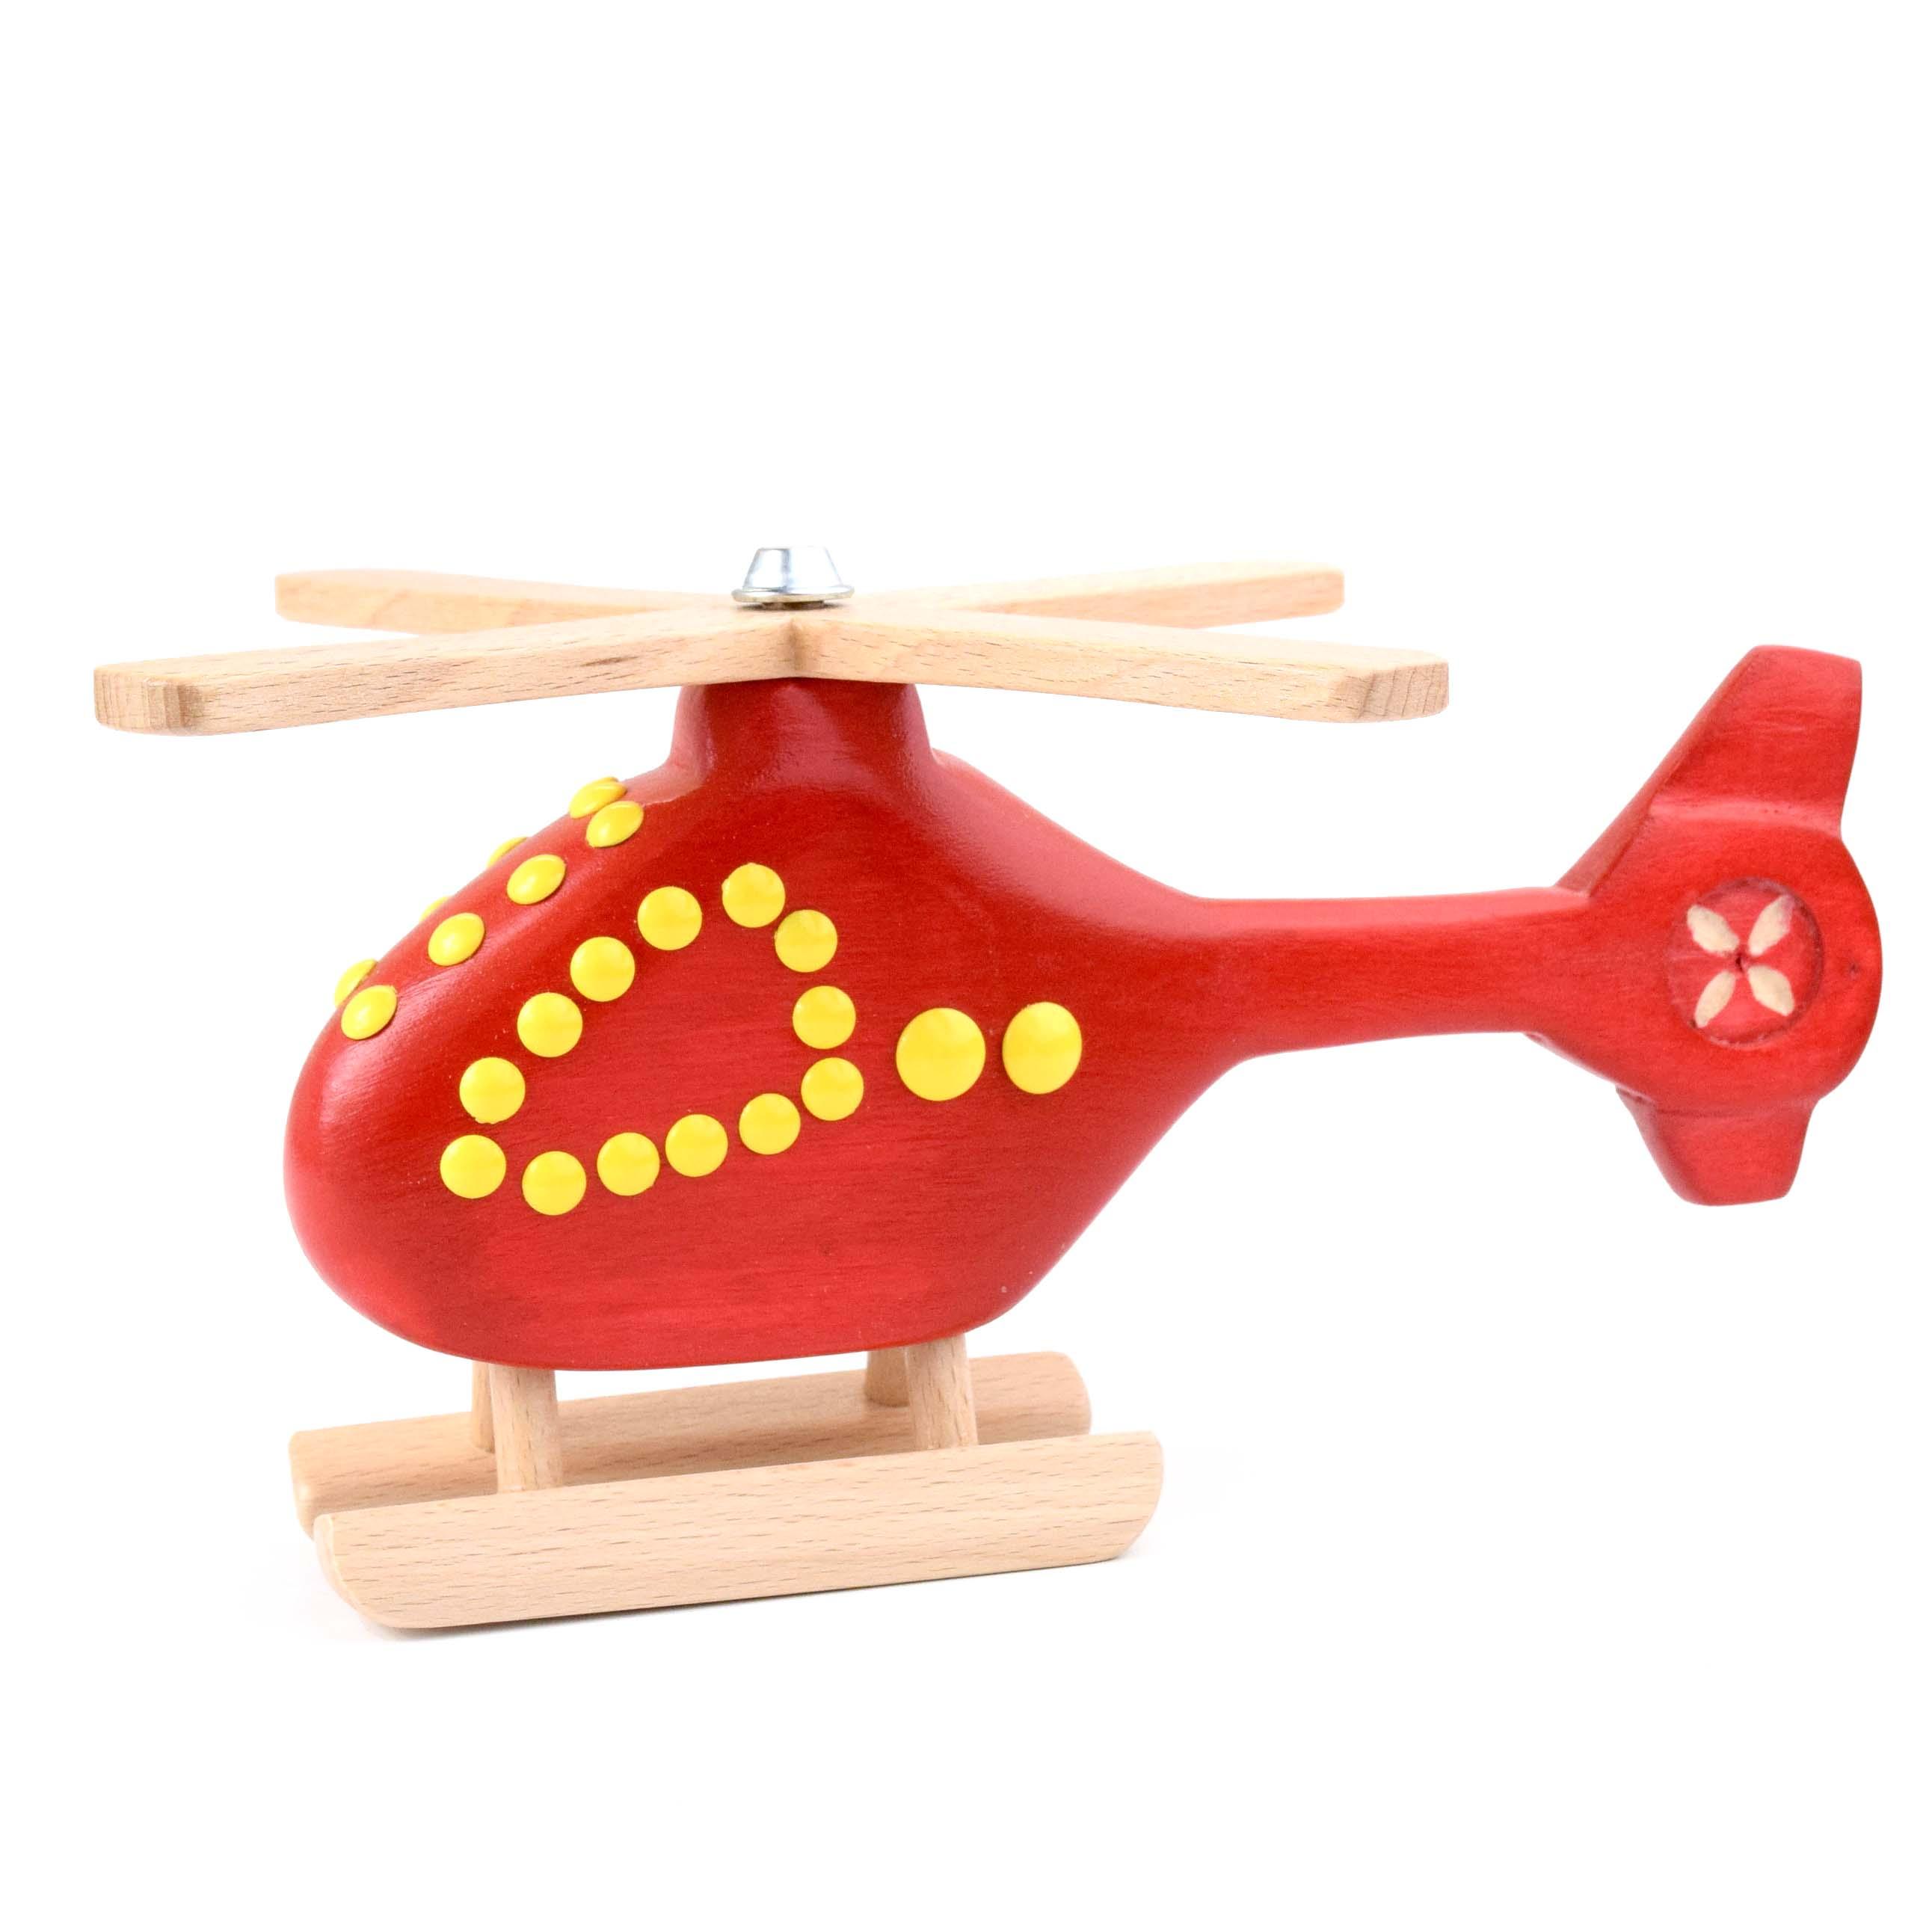 Vrtulníky různých barev opět v nabídce